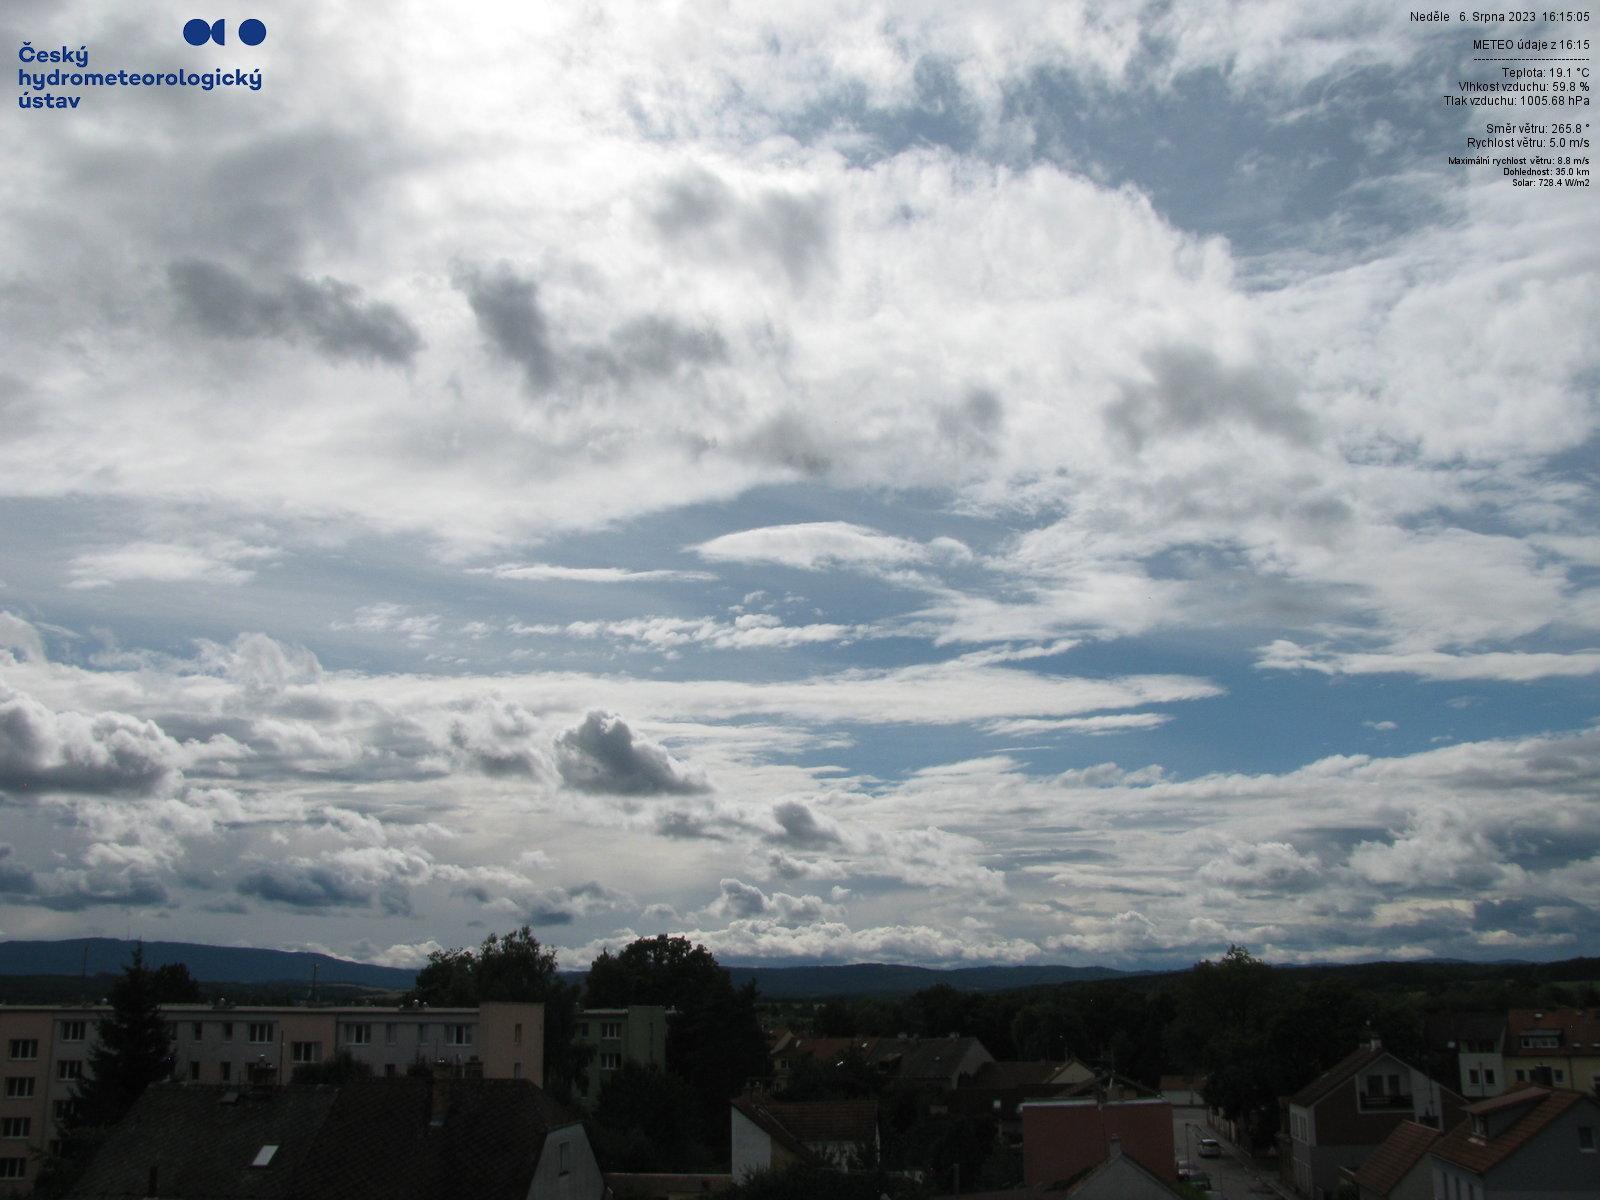 Webcam AMS České Budějovice